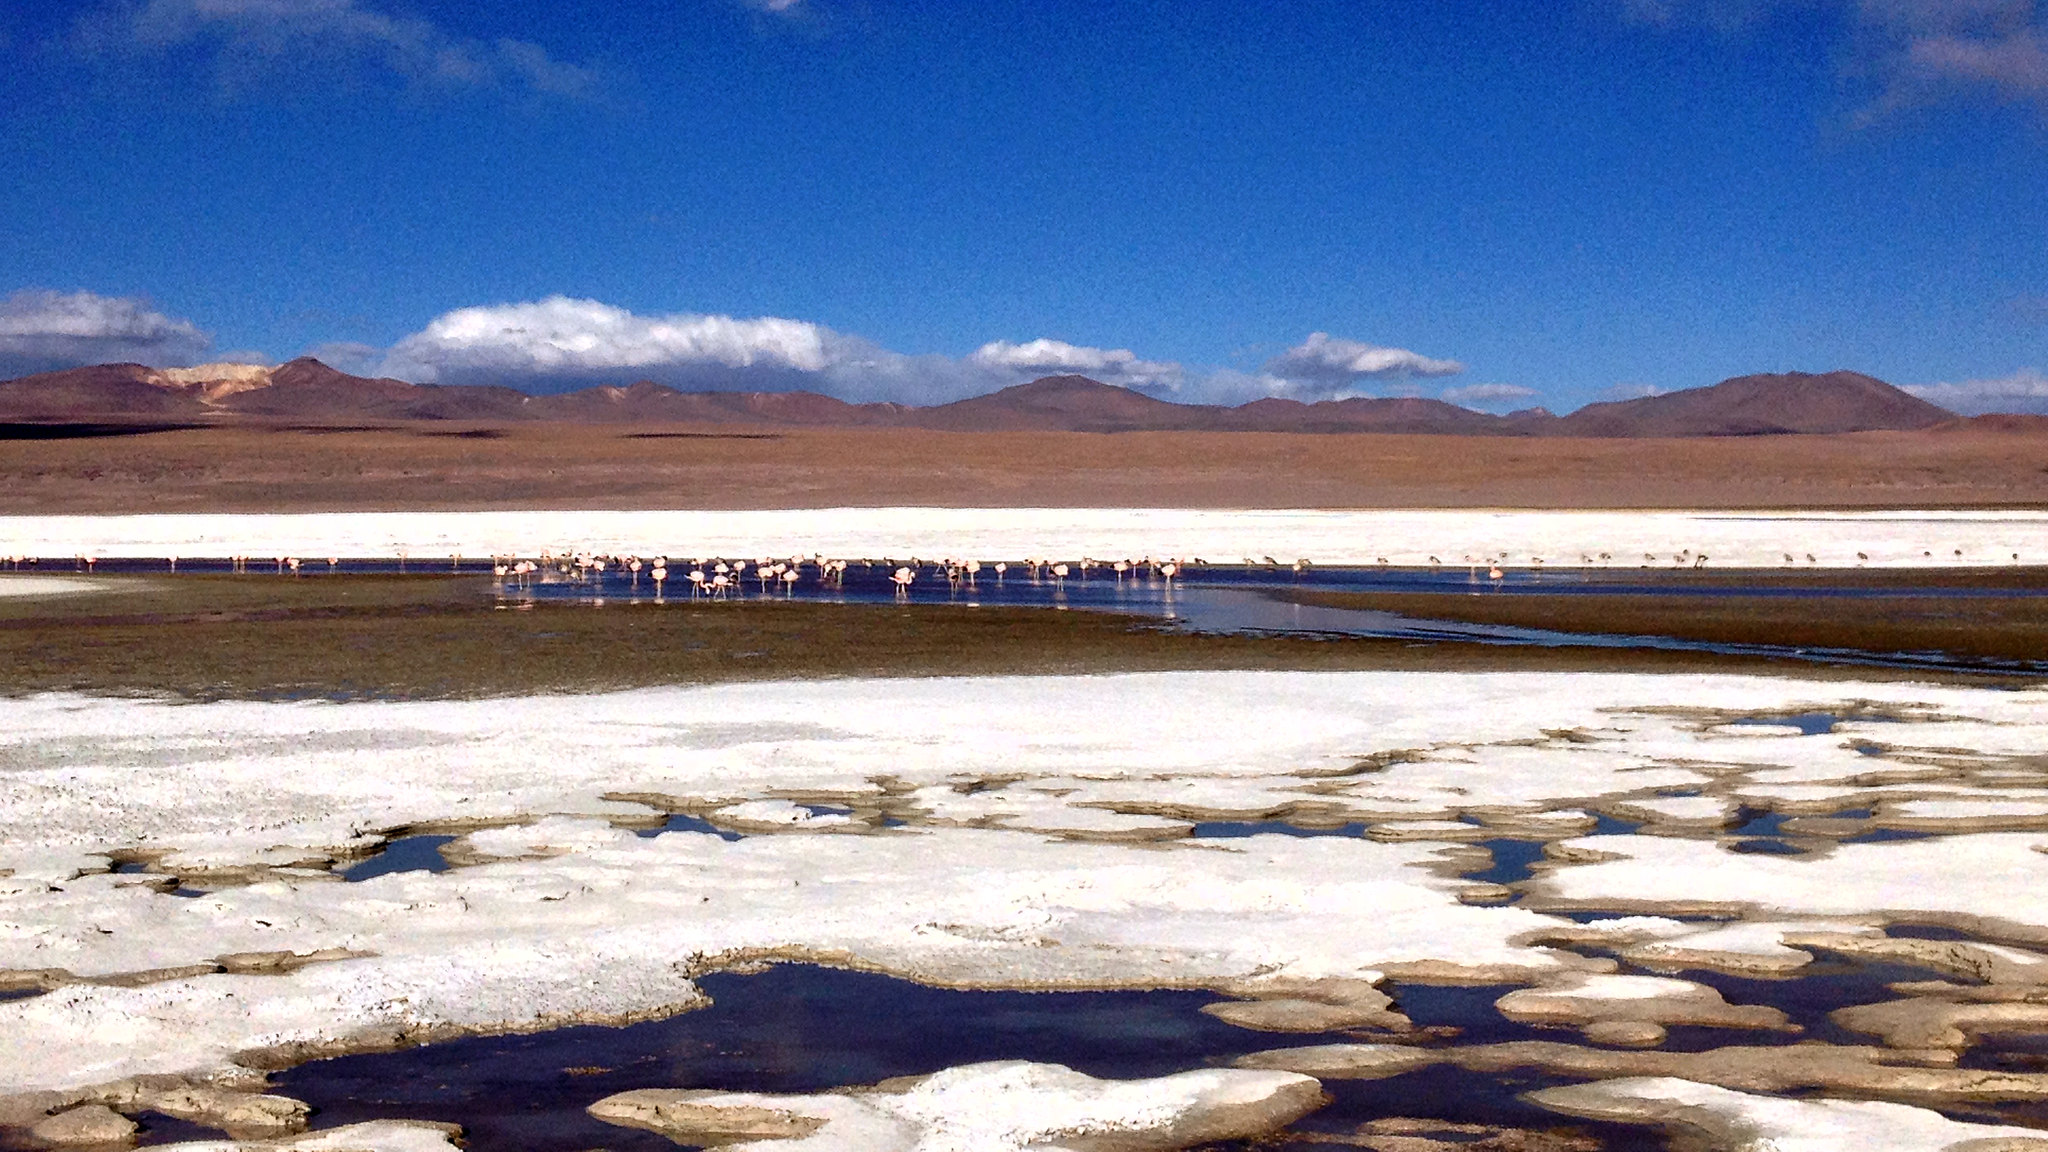 Laguna Colorada, Salar de Uyuni tour, Bolivia, May 2014